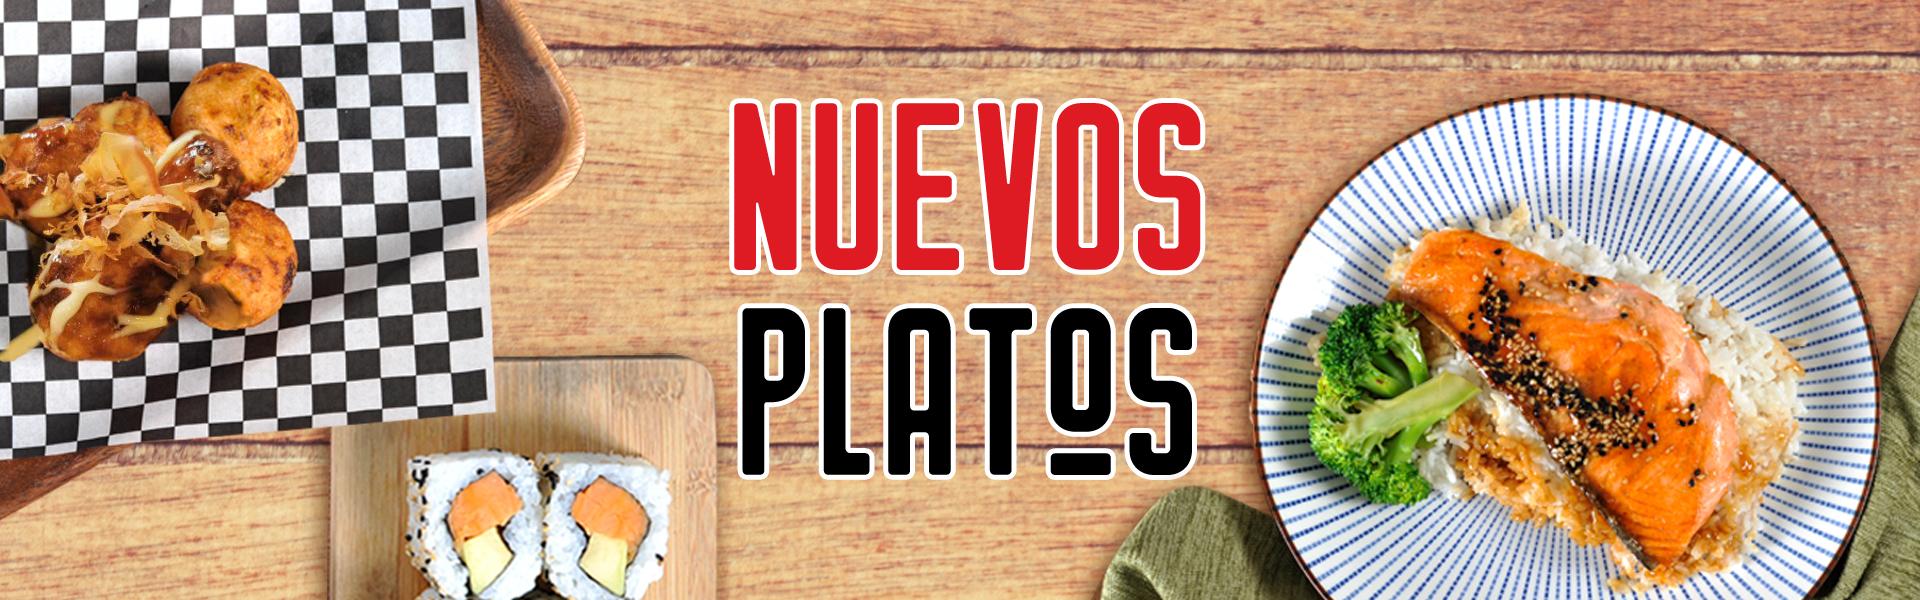 Nuevos Platos Septiembre